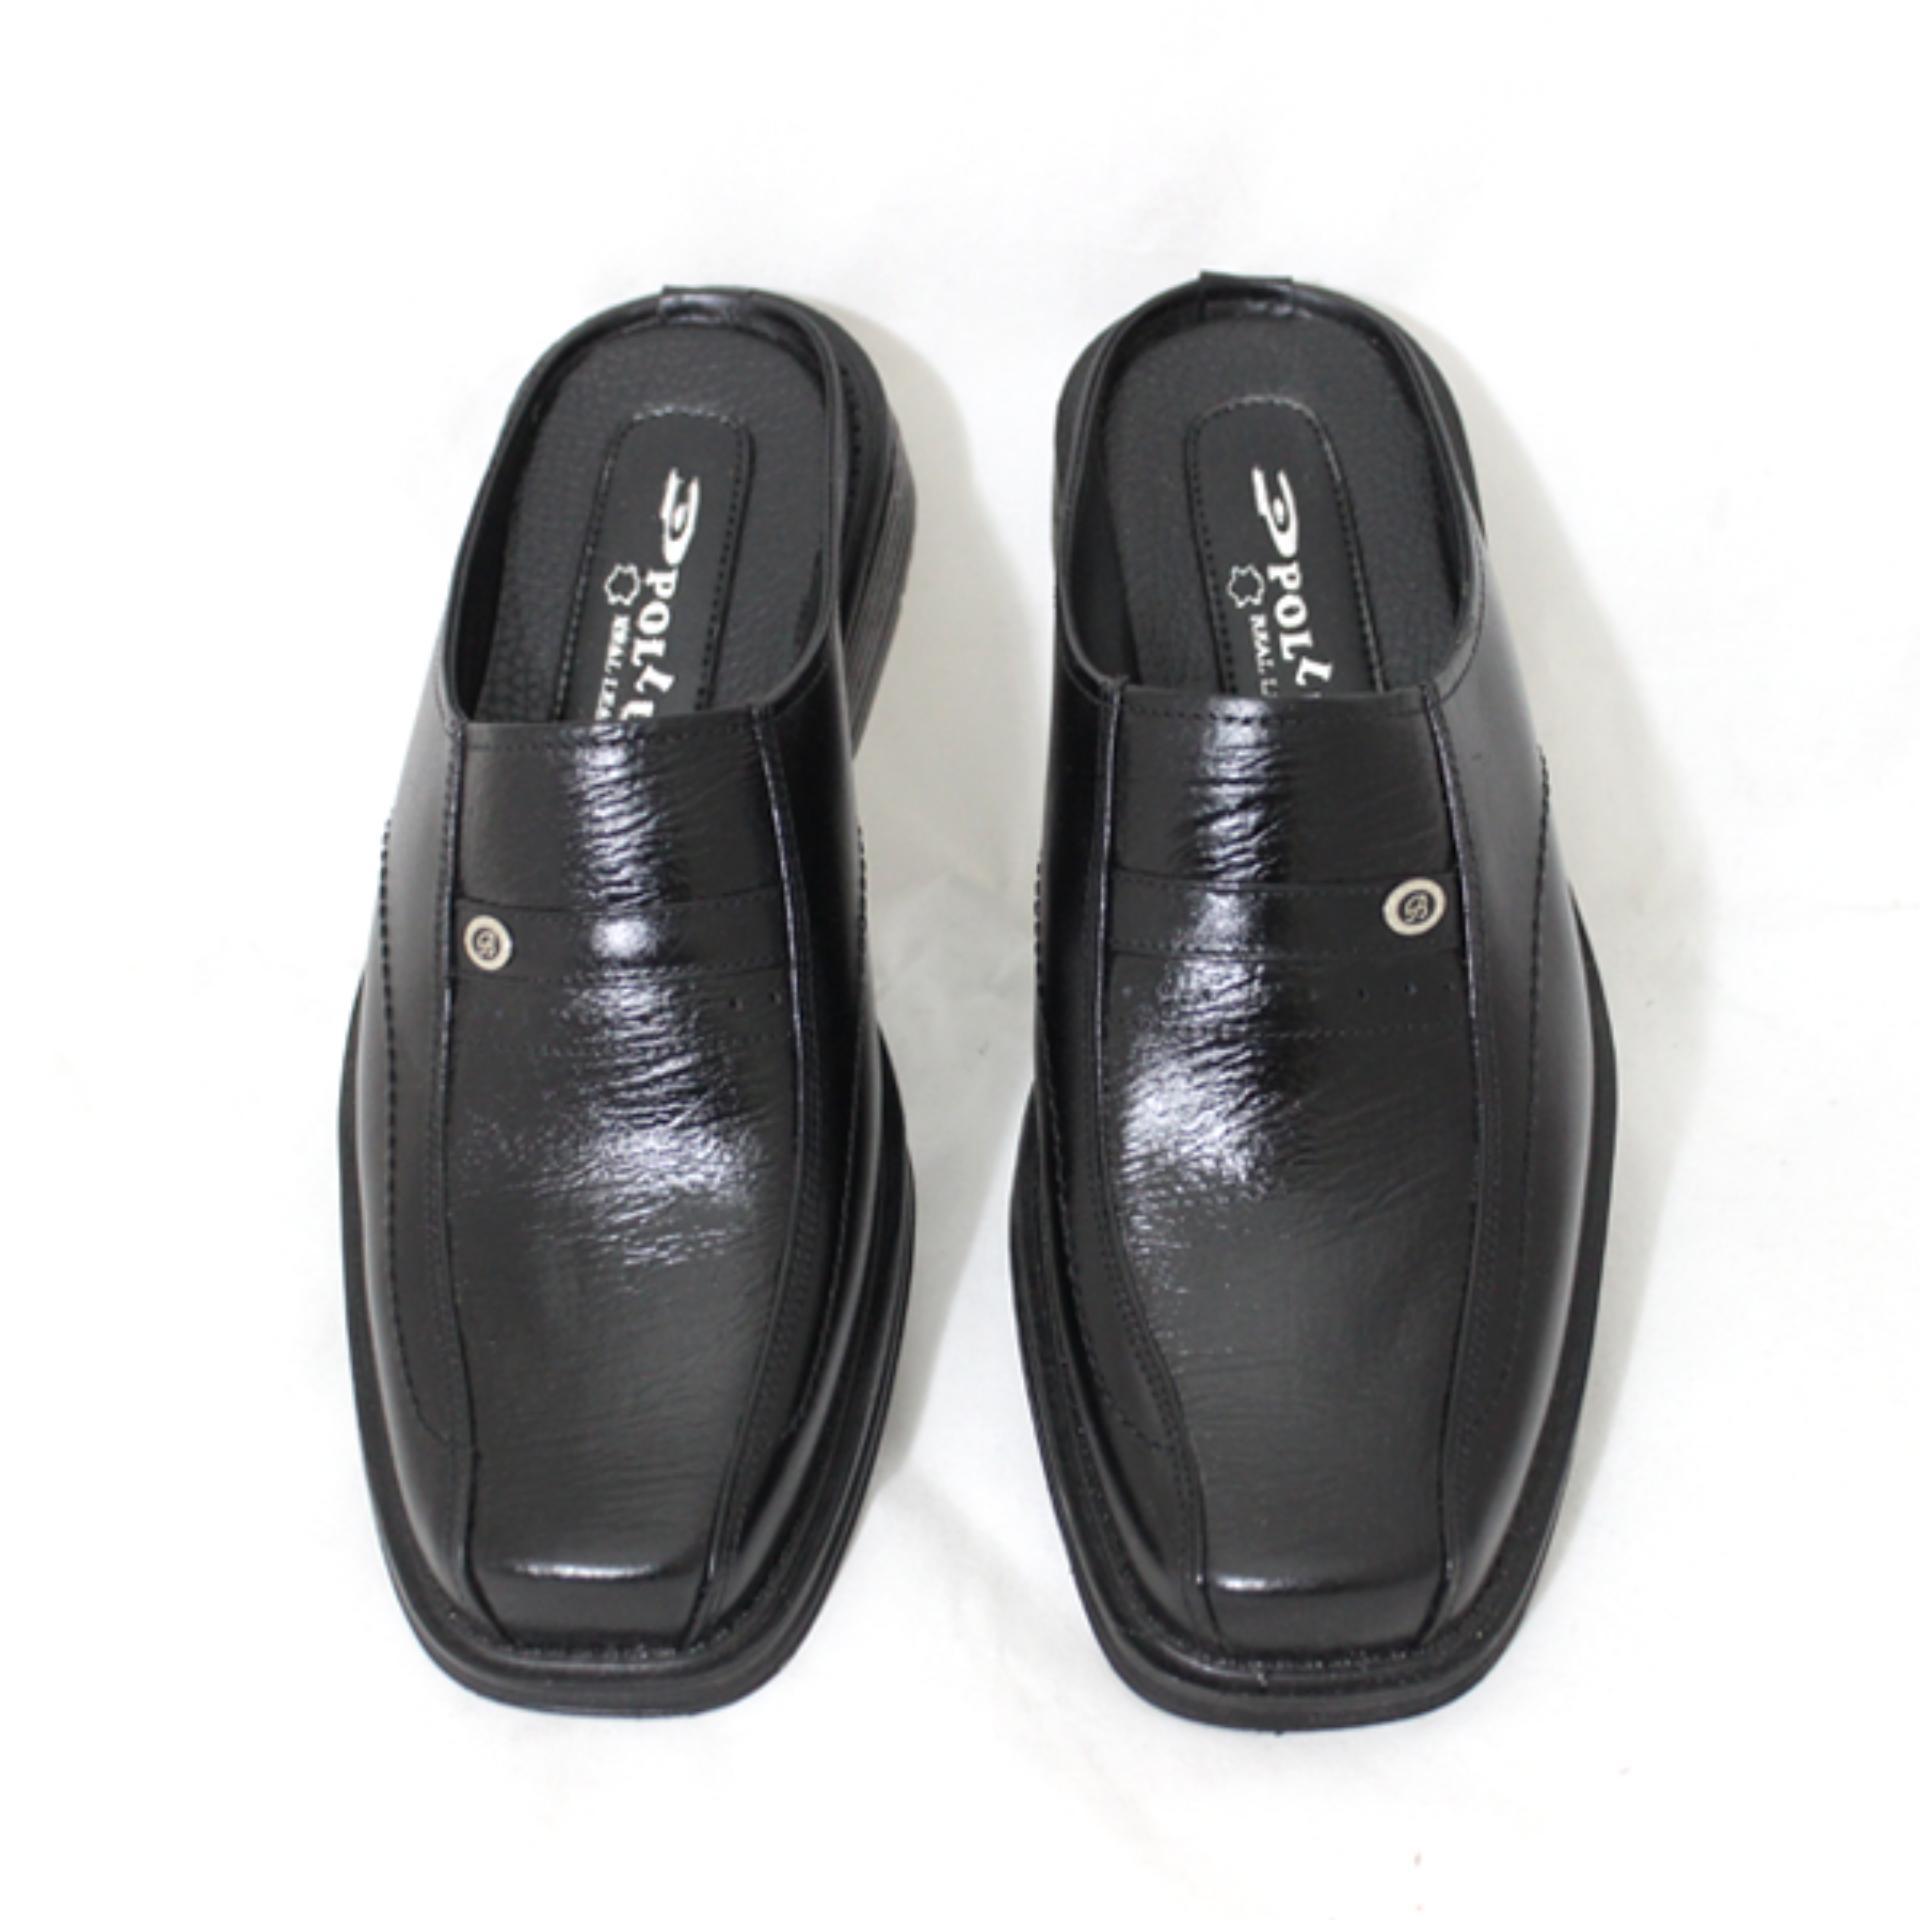 sepatu pantofel sepatu pria sepatu formal pria sepatu merk pollux original – pollux PMSSL520H57hitam